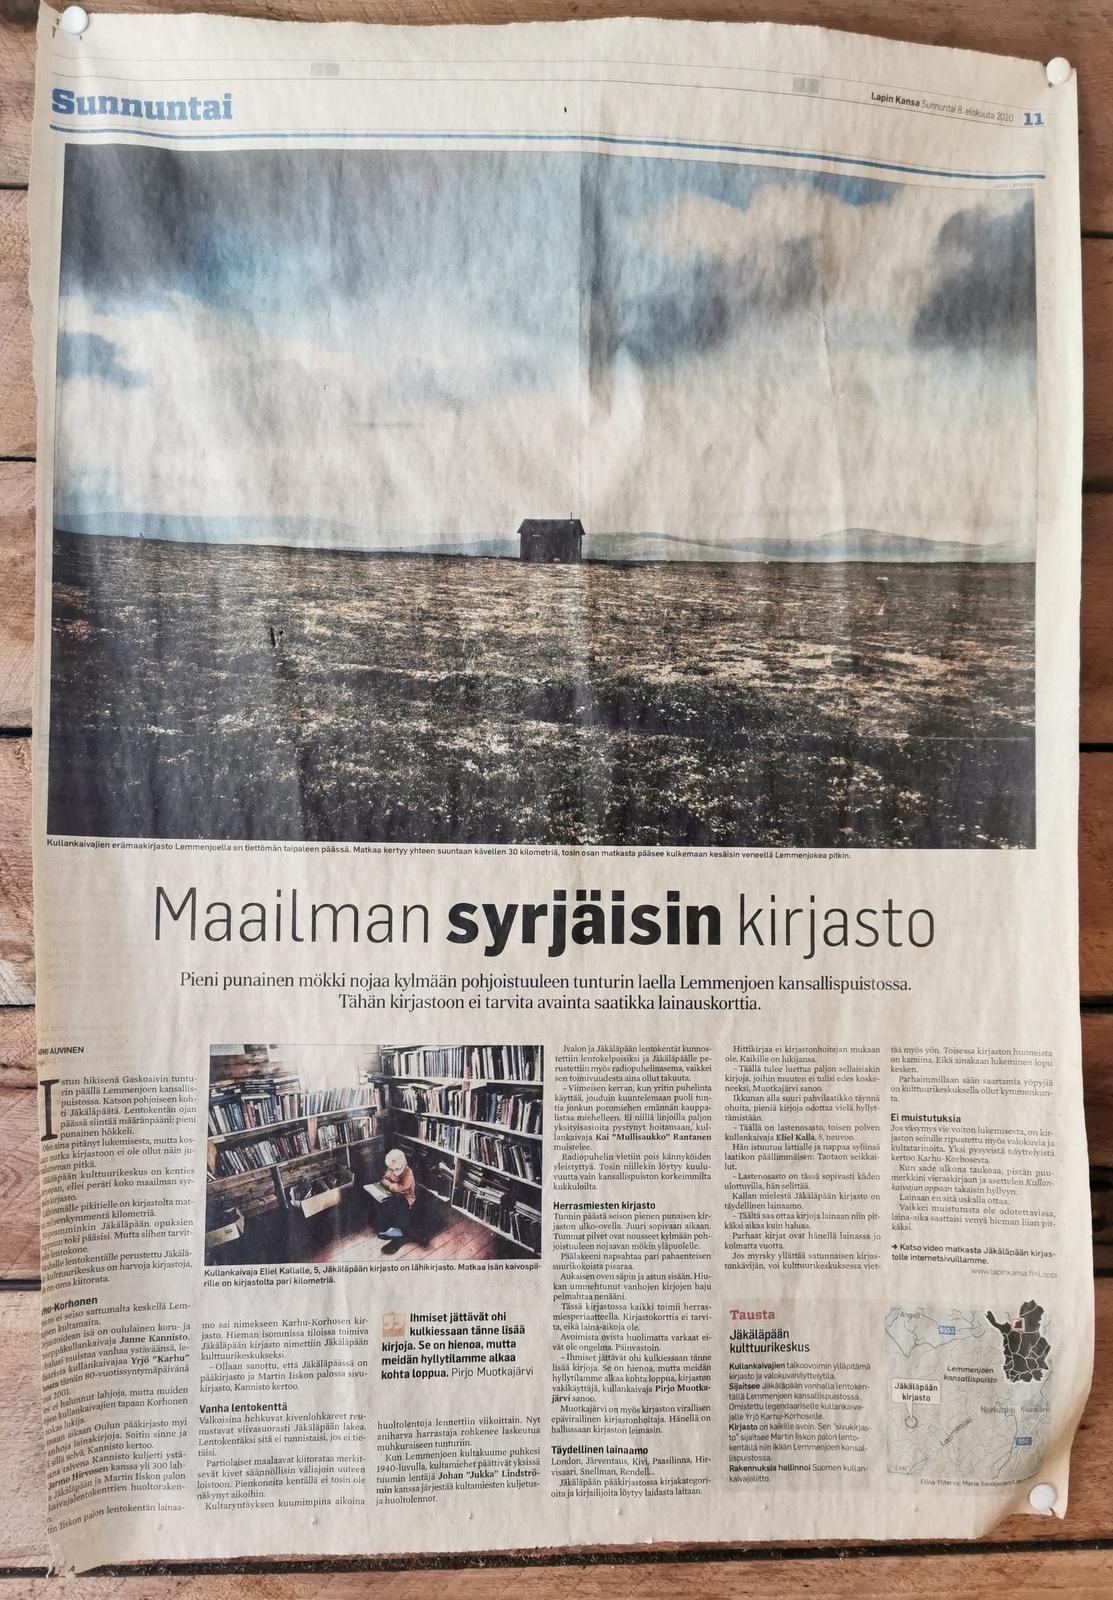 Lapin-Kansa tiesi jo 2011, että syrjässä kirjasto on. Lehtileike kirjaston seinältä kuvattuna.